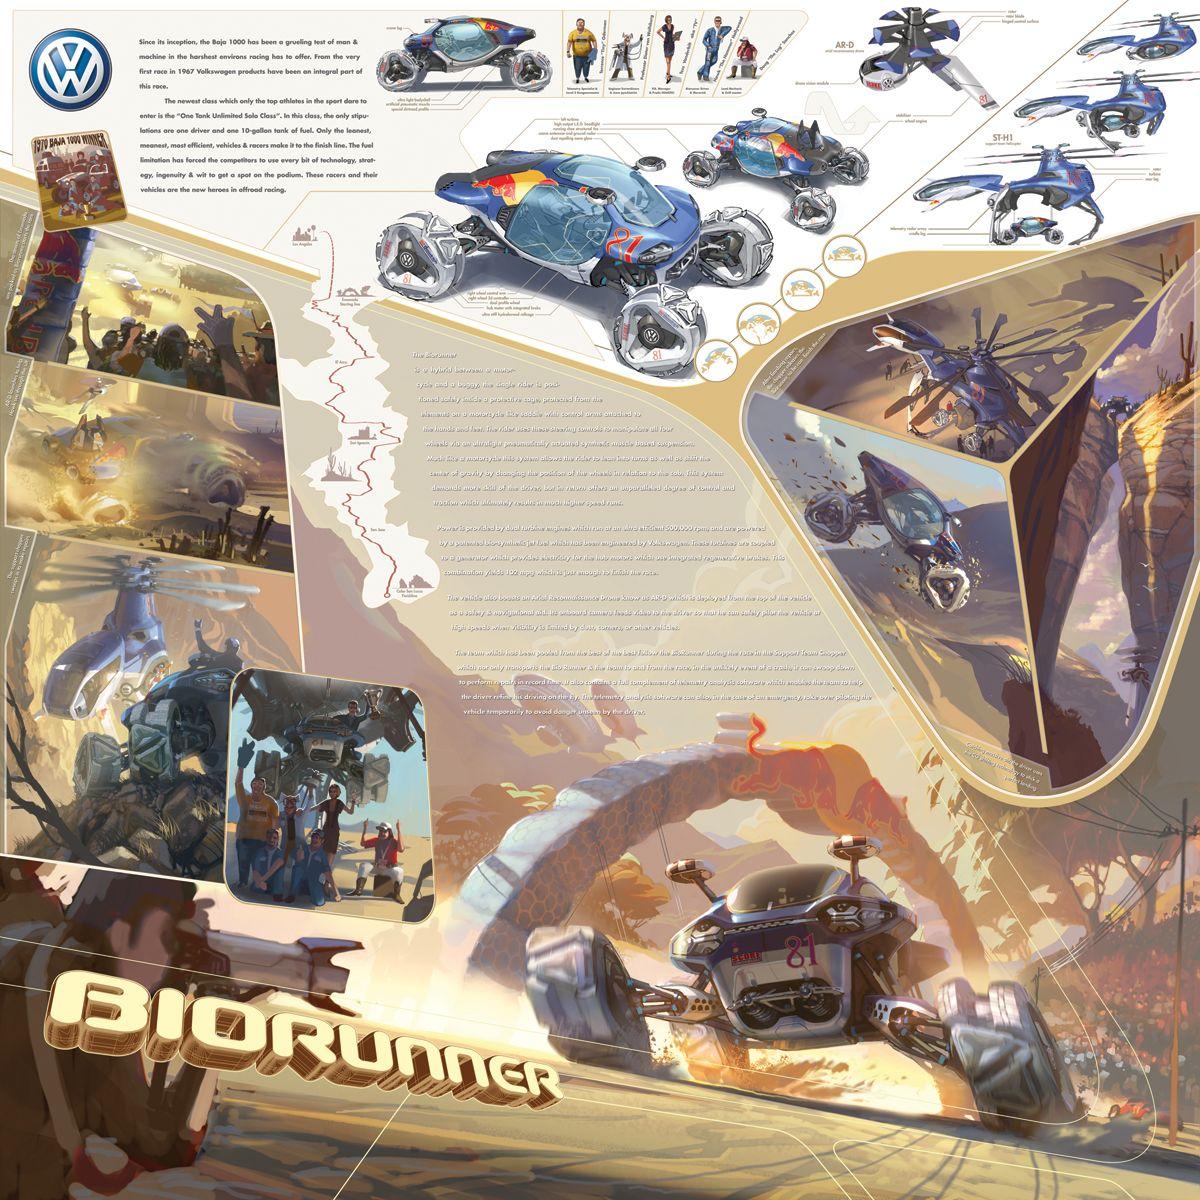 Poster design challenge - Vw Biorunner La Design Challenge